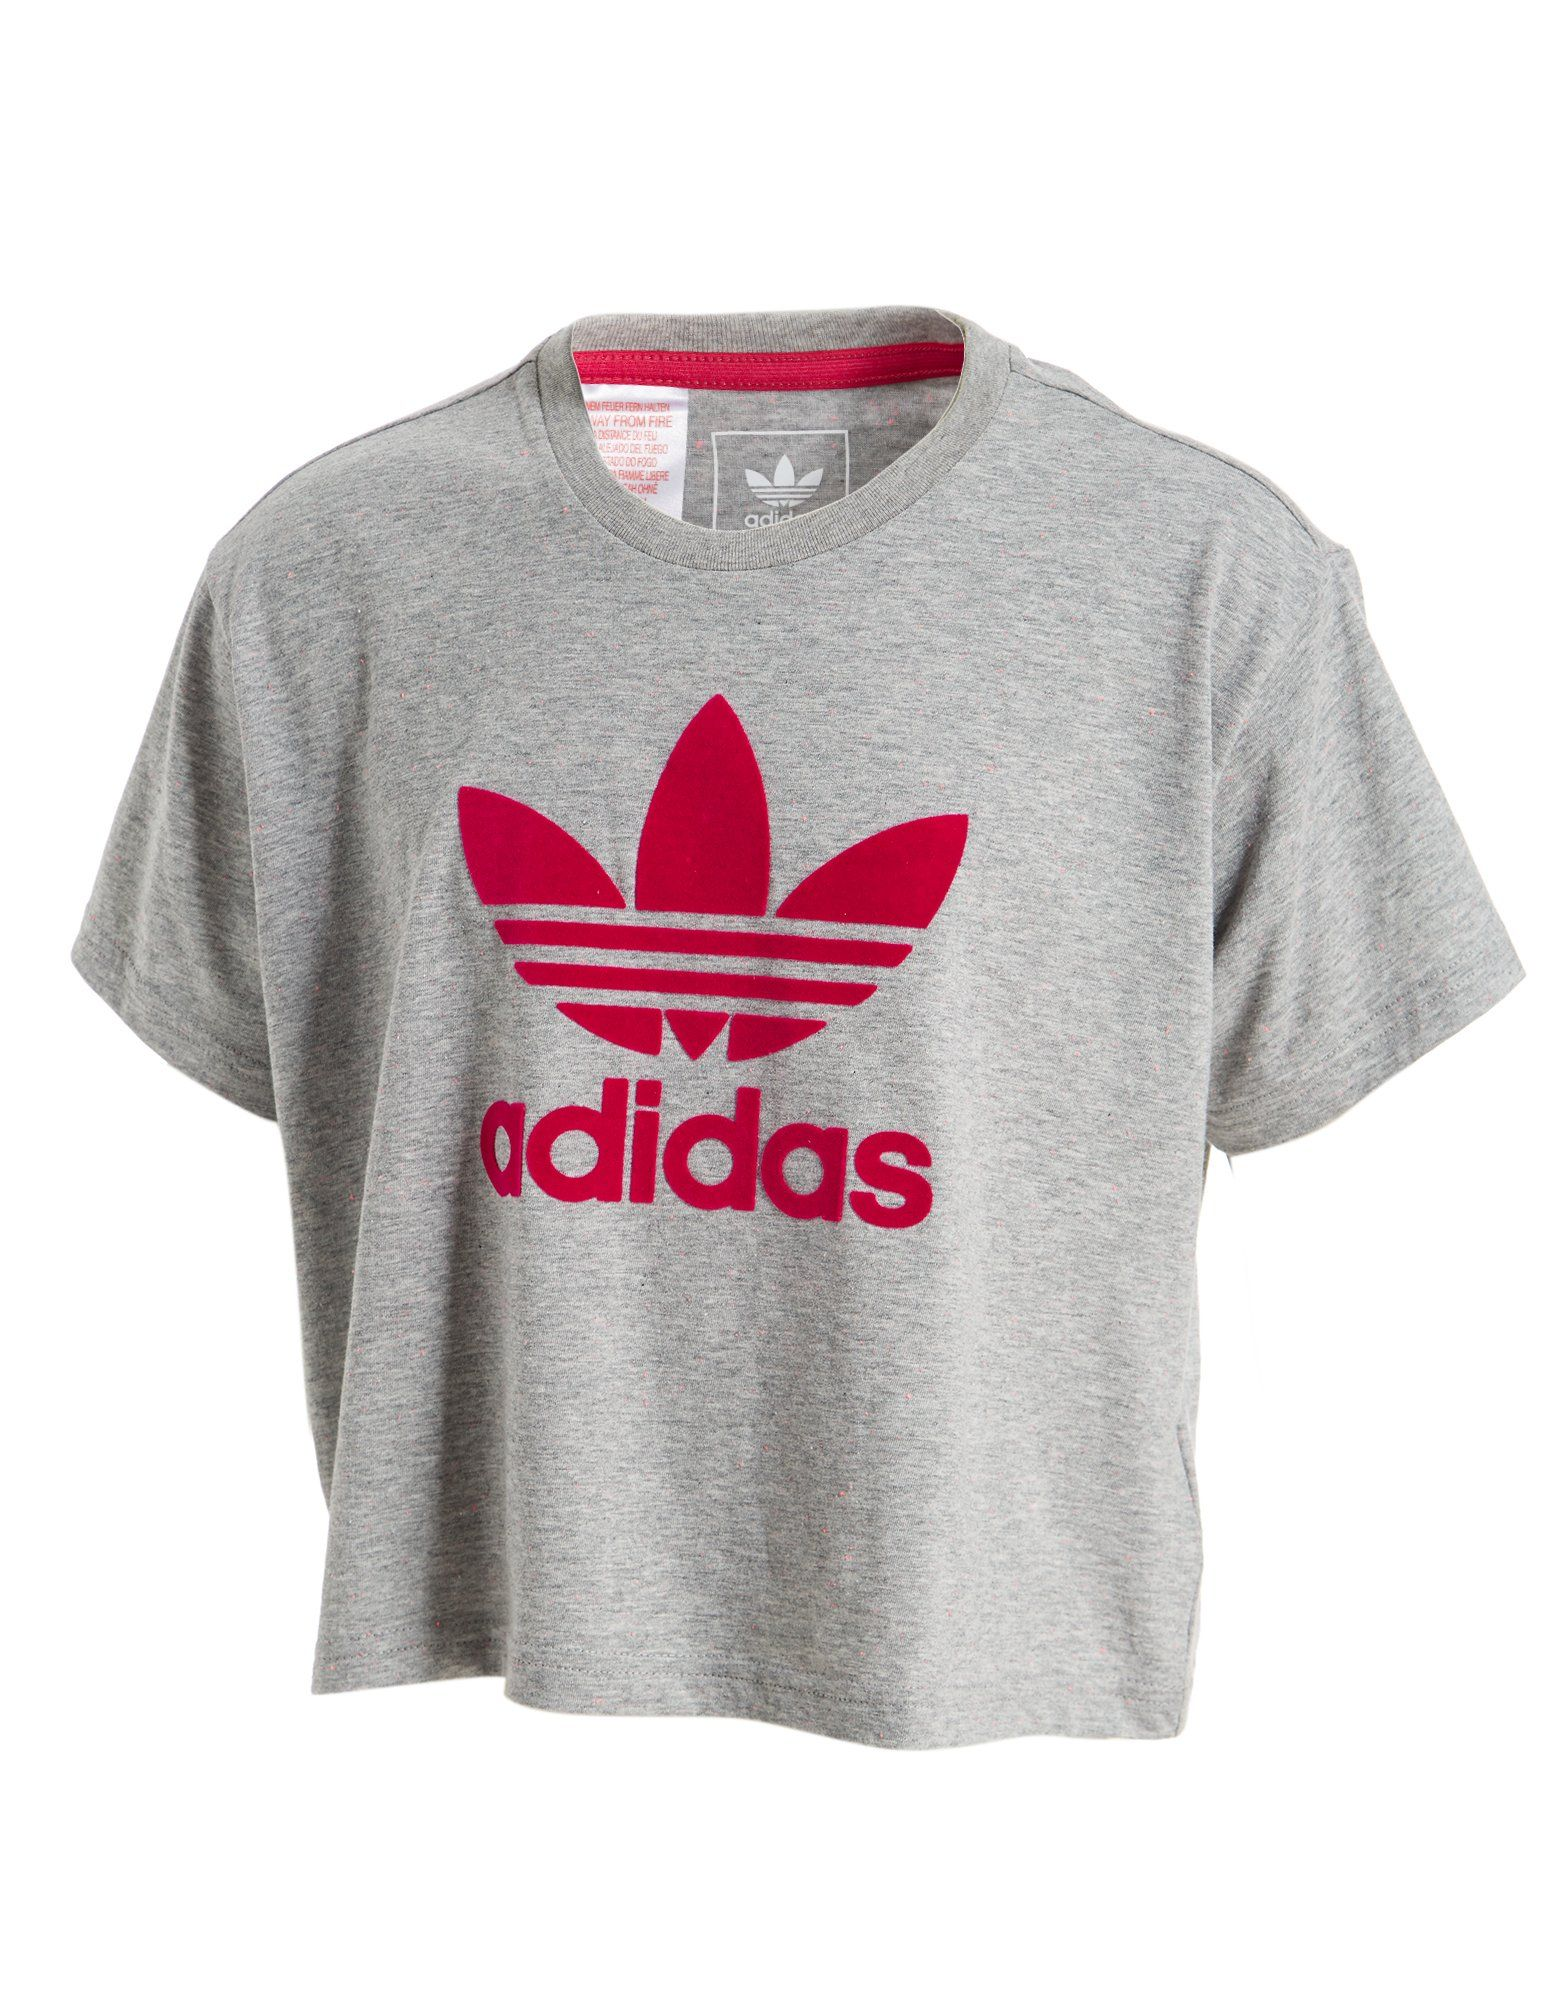 6373d51f9 adidas Originals Girls' Crop T-Shirt Junior | JD Sports